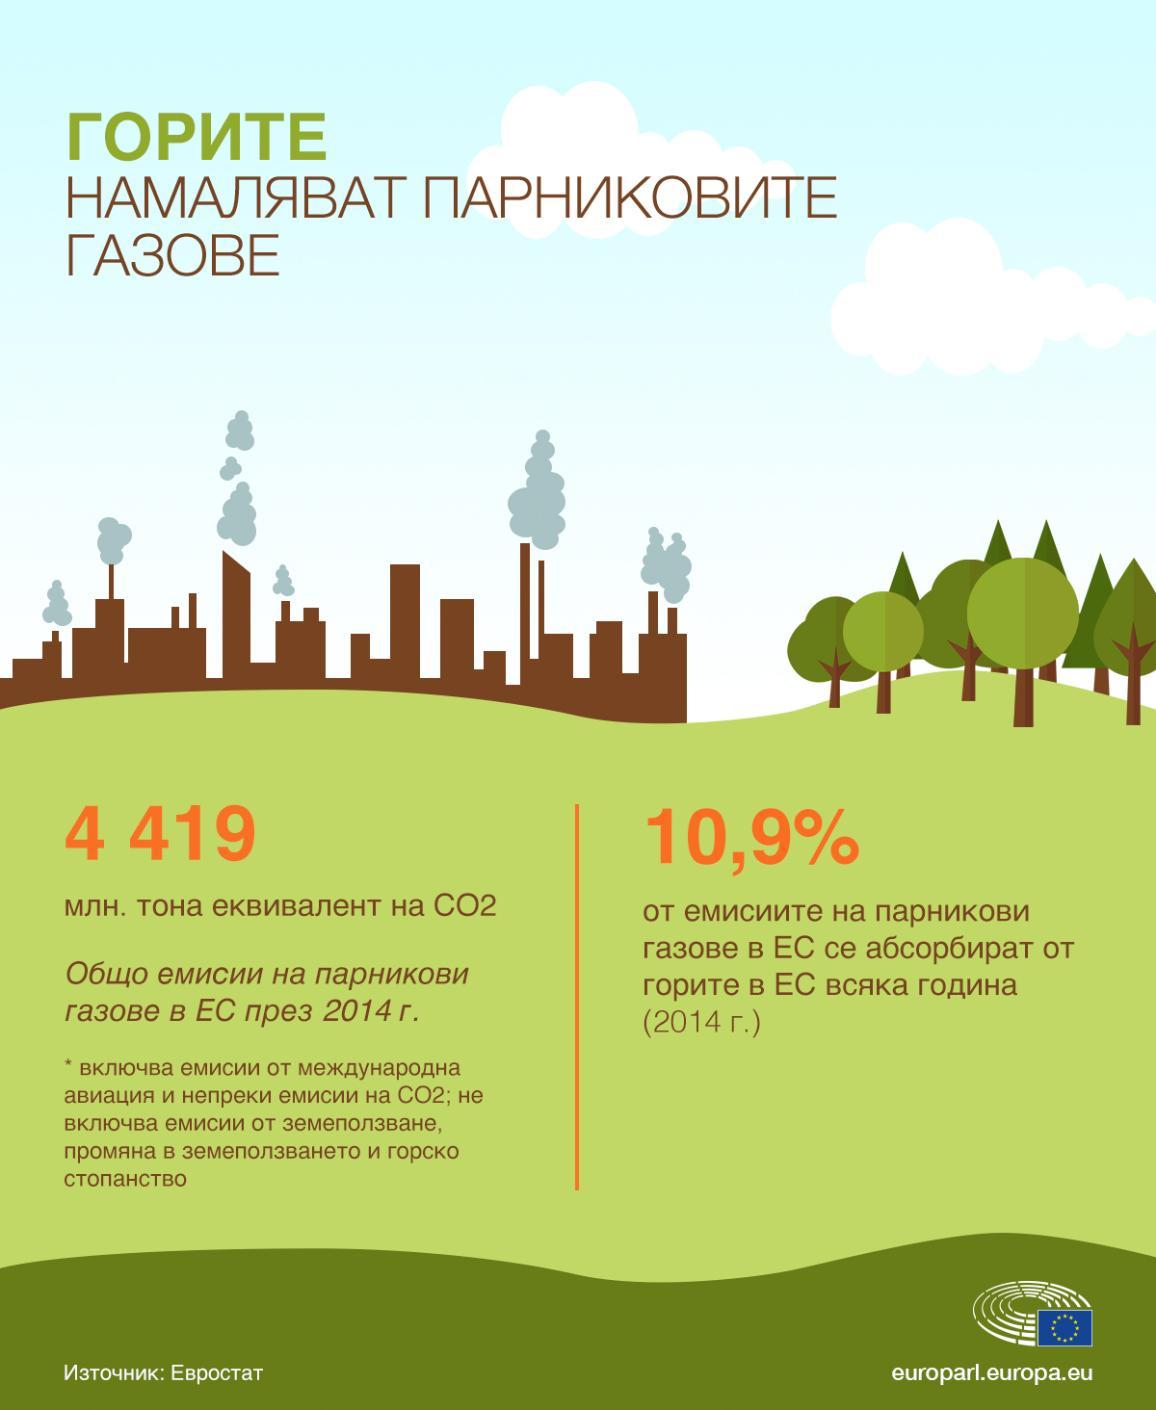 Илюстрация: Горите намаляват парниковите газове